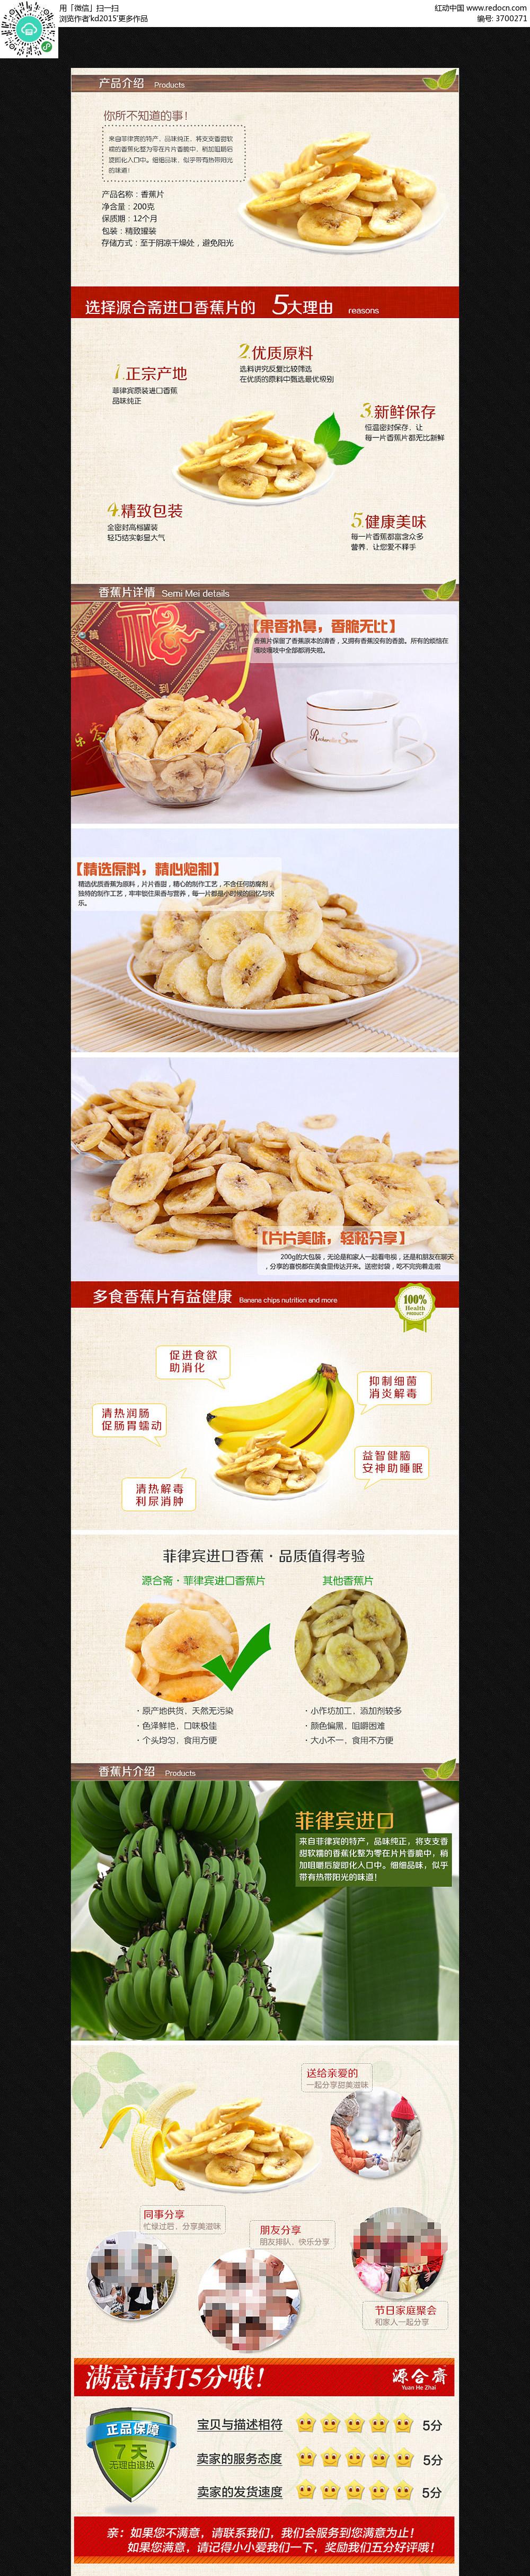 淘宝香蕉片详情页描述素材设计模板